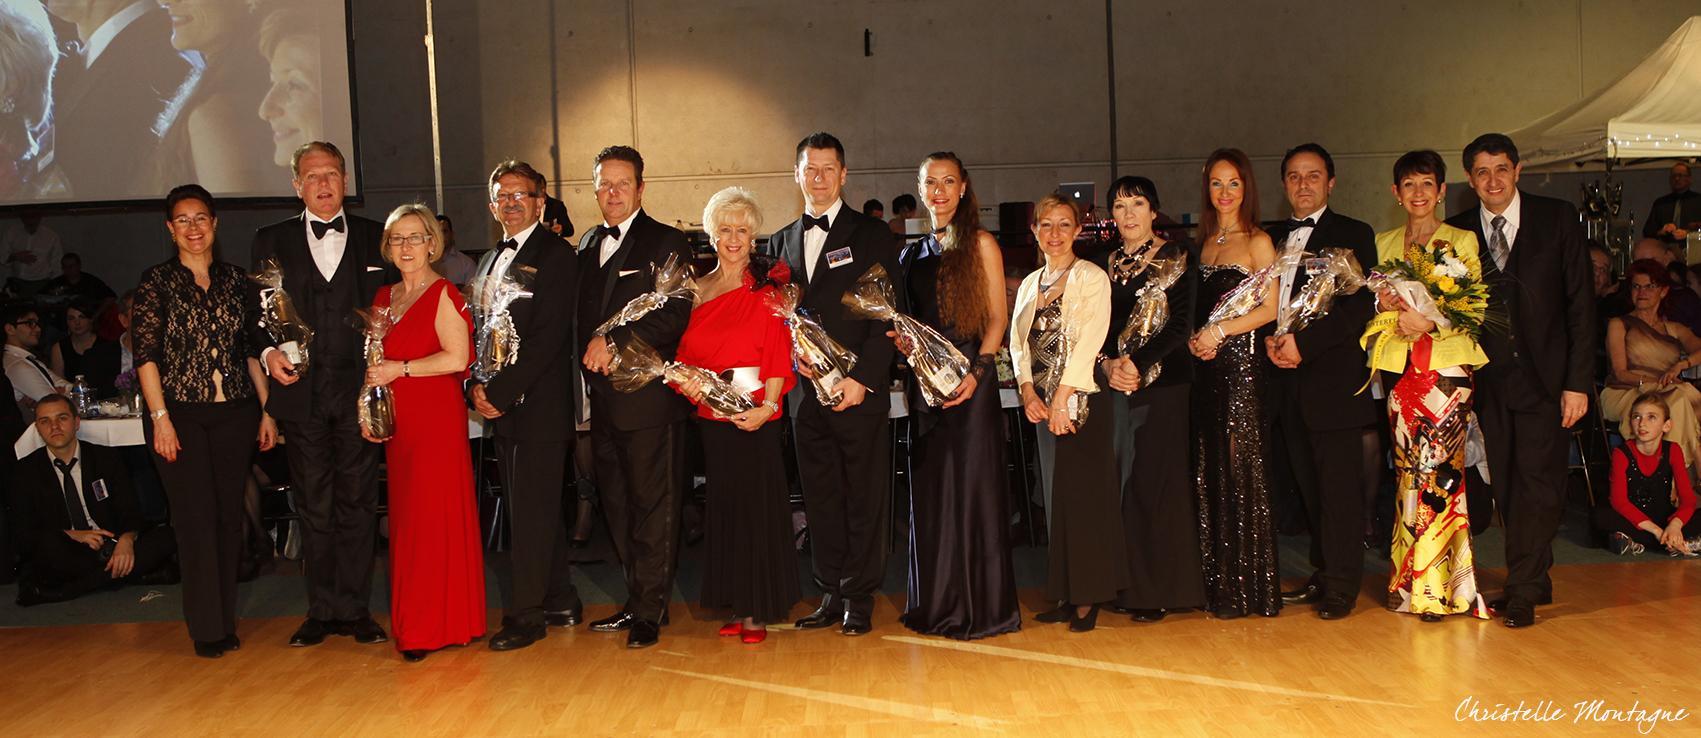 NDE 2014 - juges